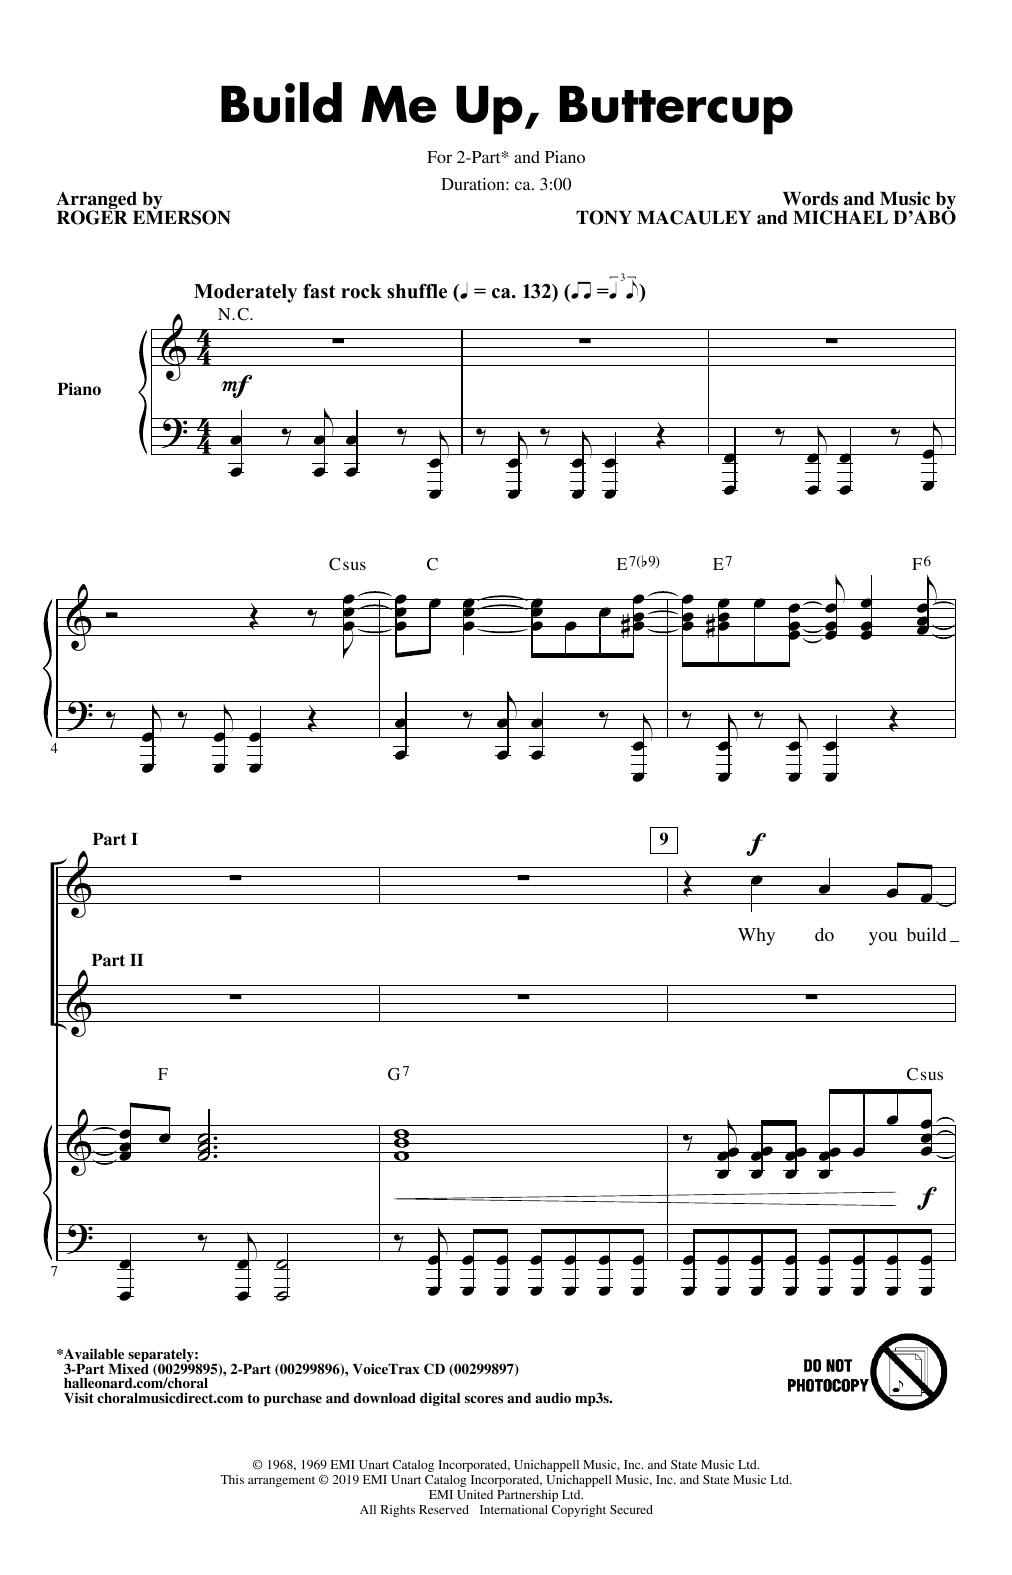 Build Me Up, Buttercup (arr. Roger Emerson) (2-Part Choir)